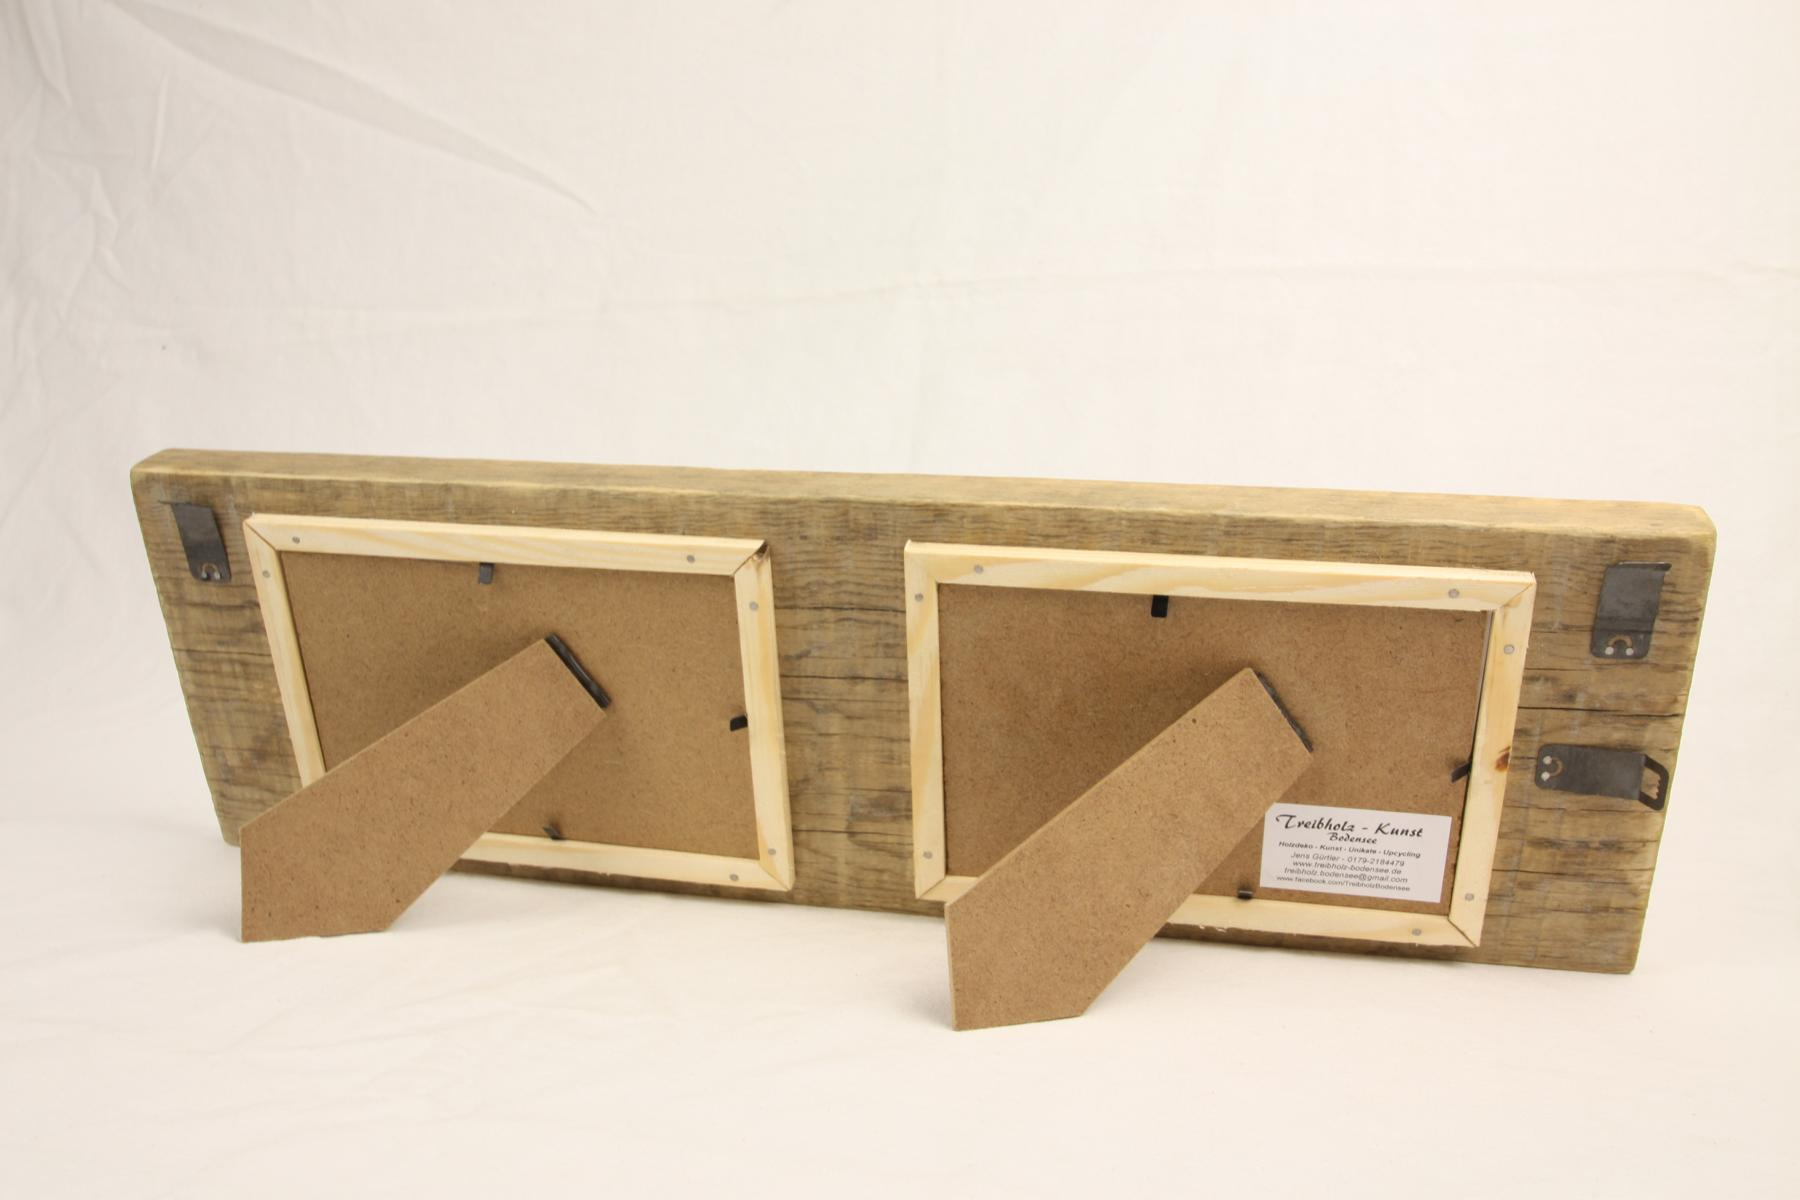 doppelbilderrahmen treibholz schwemmholz rahmen f r zwei bilder. Black Bedroom Furniture Sets. Home Design Ideas